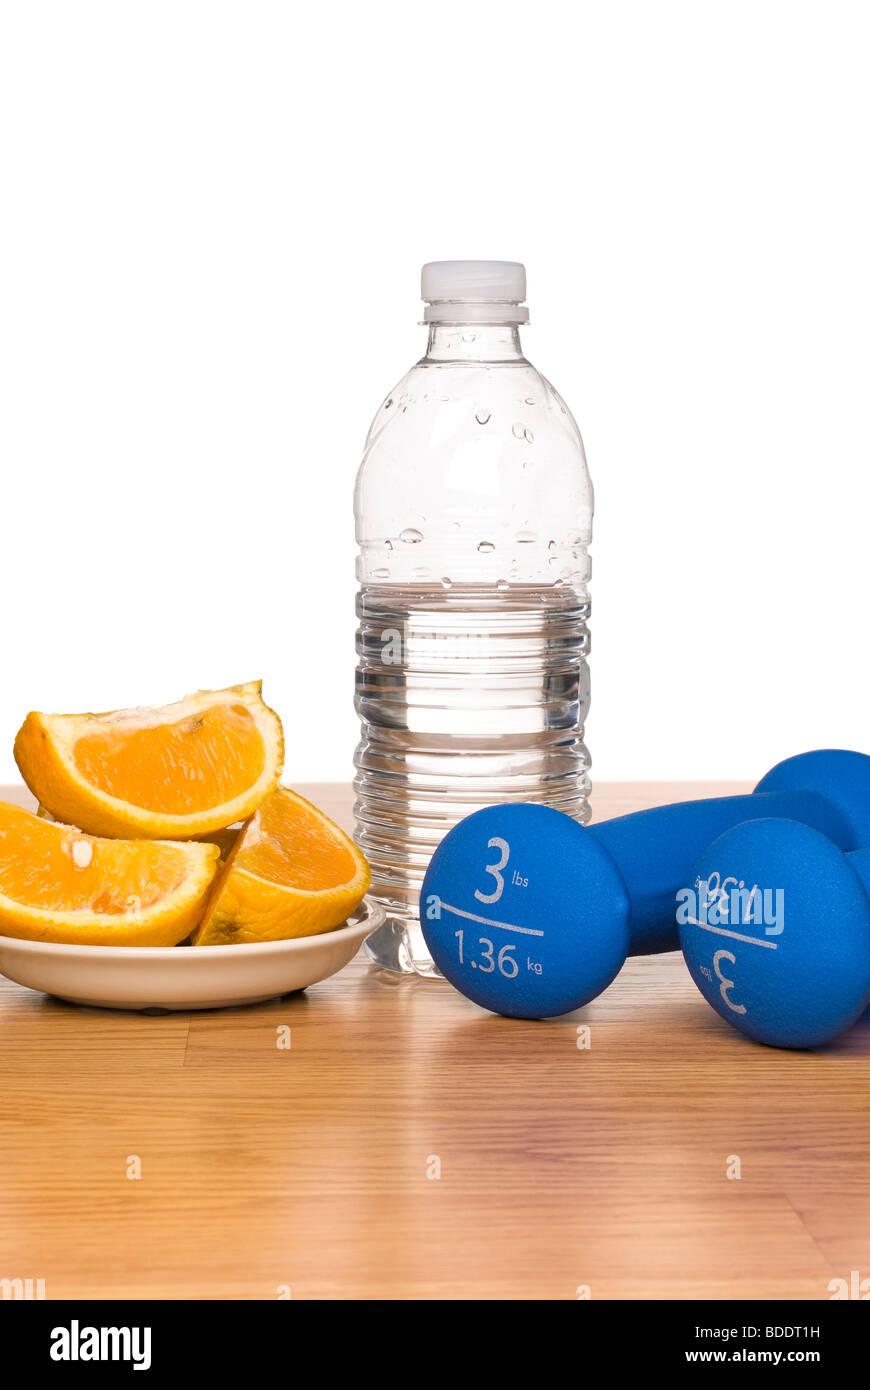 Une image conceptuelle de modes de vie sains, notamment l'équipement d'exercice, une bouteille d'eau Photo Stock